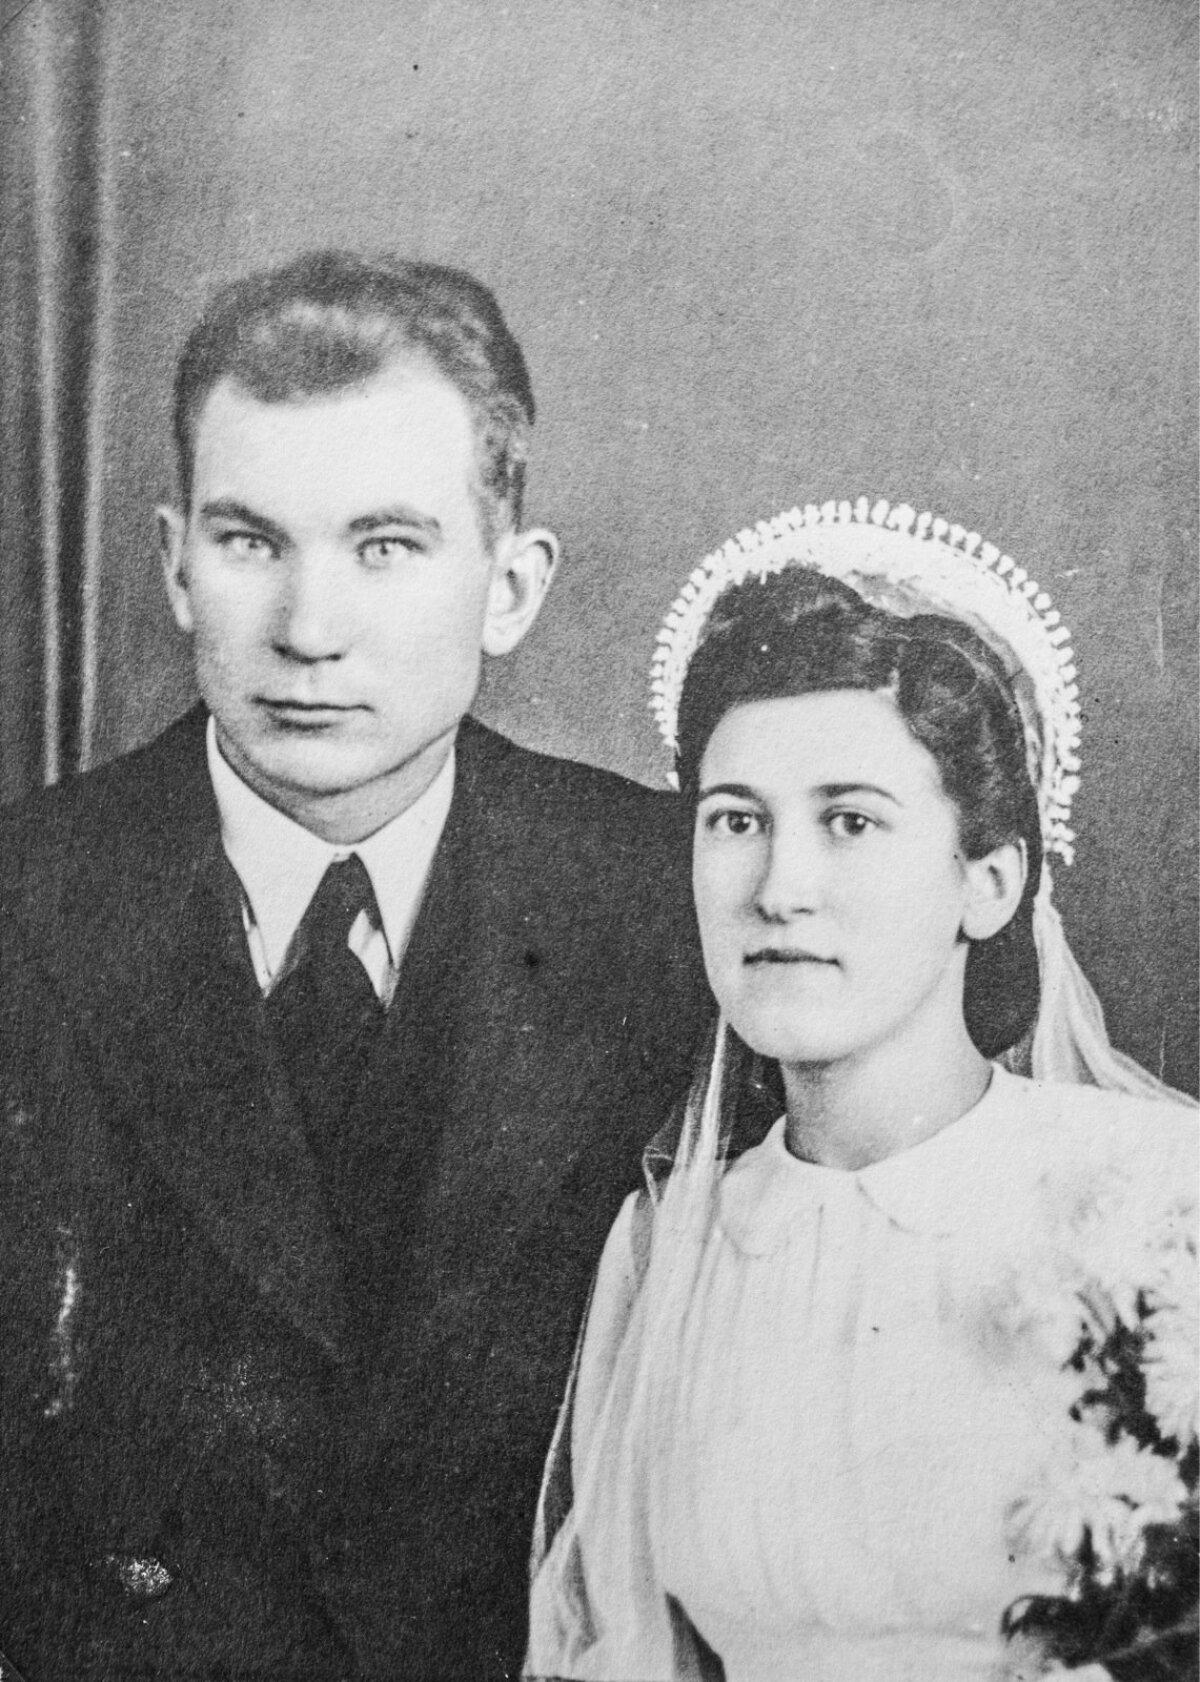 Enn Meri ema Linda ja isa Oskar abiellusid 28. aprillil 1940 Kuressaares. Neli aastat hiljem pidid nad ette võtma teekonna Rootsi.